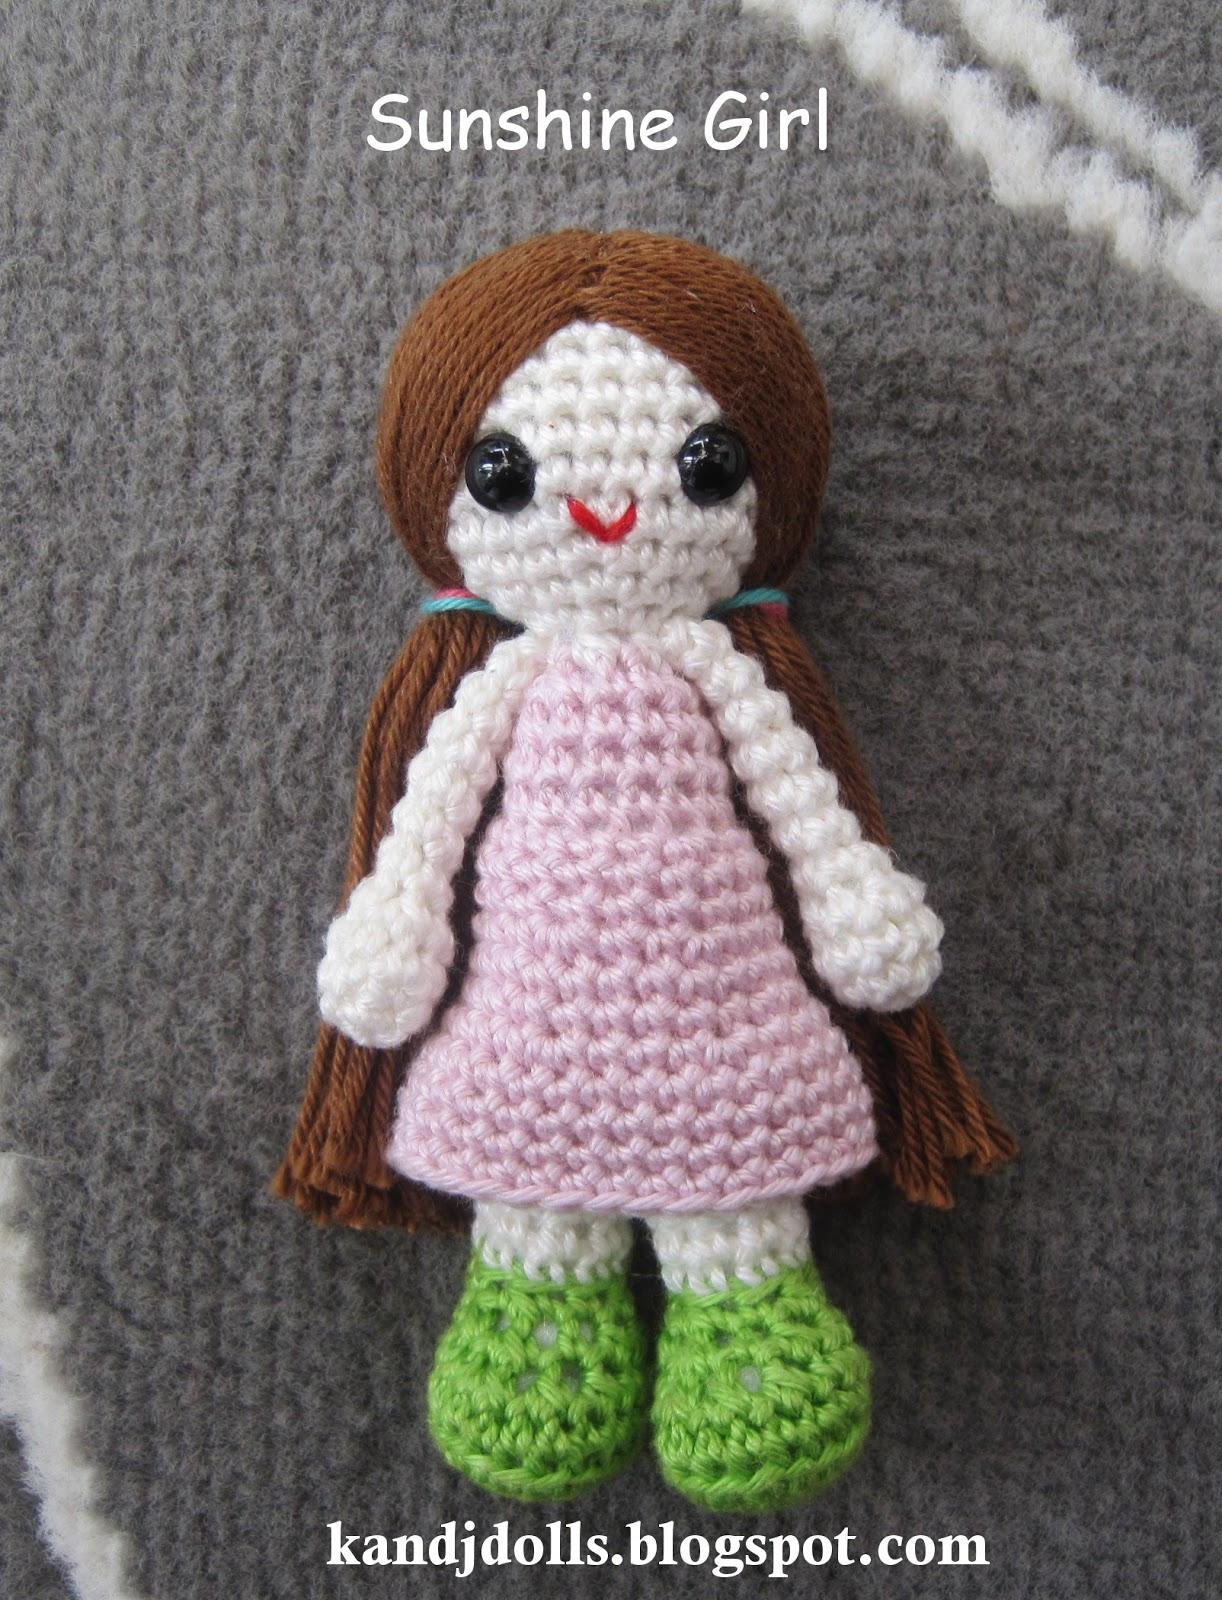 Amigurumi Crochet Patterns K And J Dolls : Sunshine Girl II - Sayjai Amigurumi Crochet Patterns ~ K ...